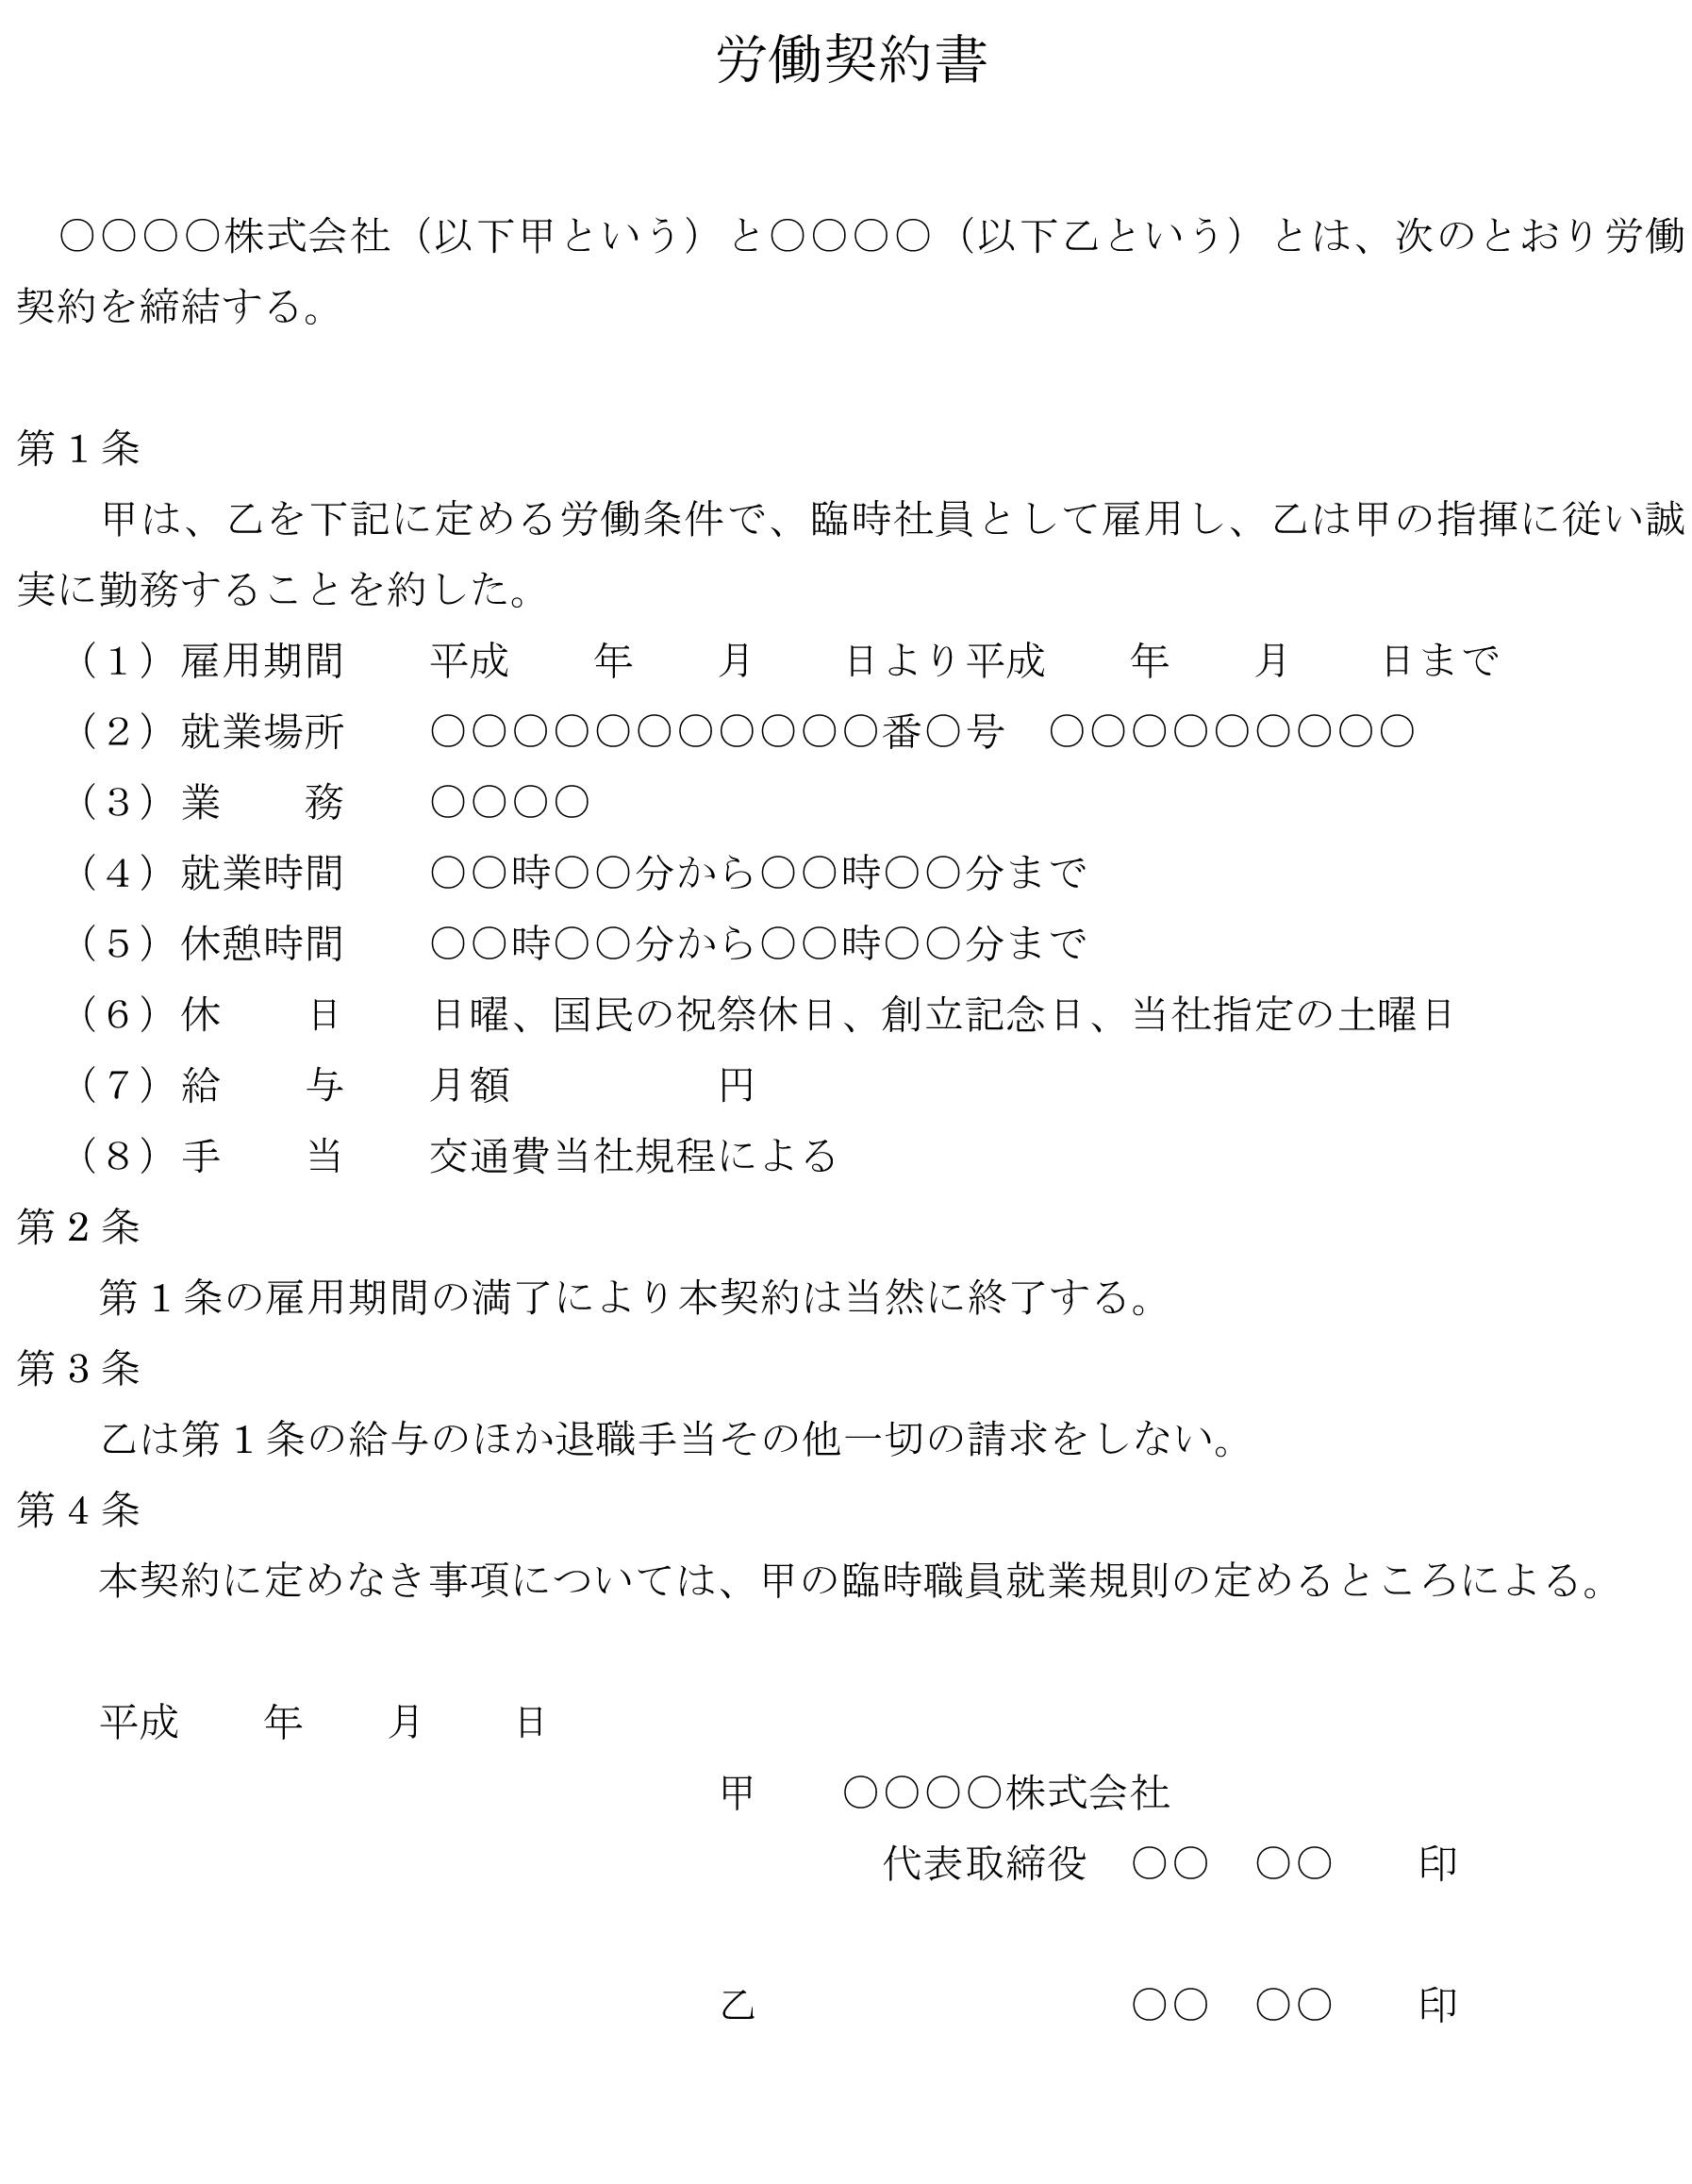 労働契約書01